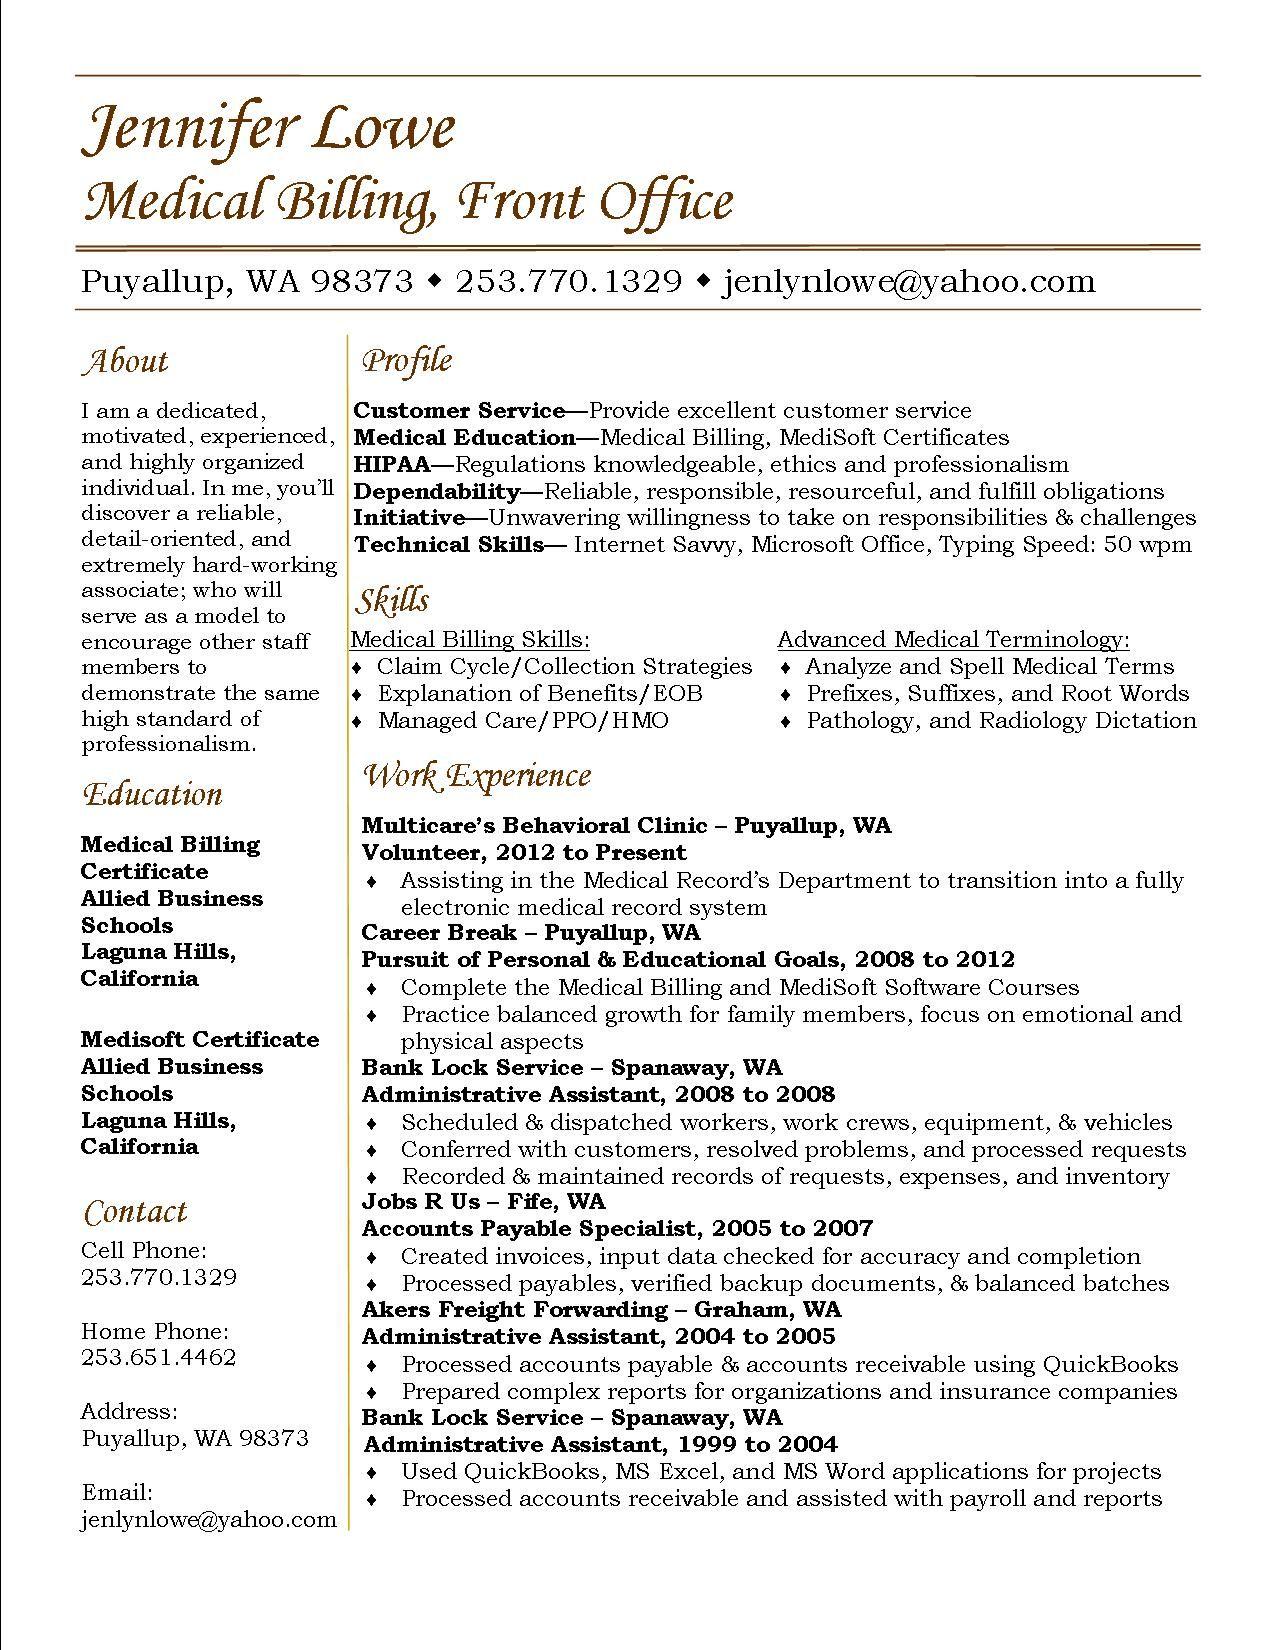 Medical Biller And Coder Resume